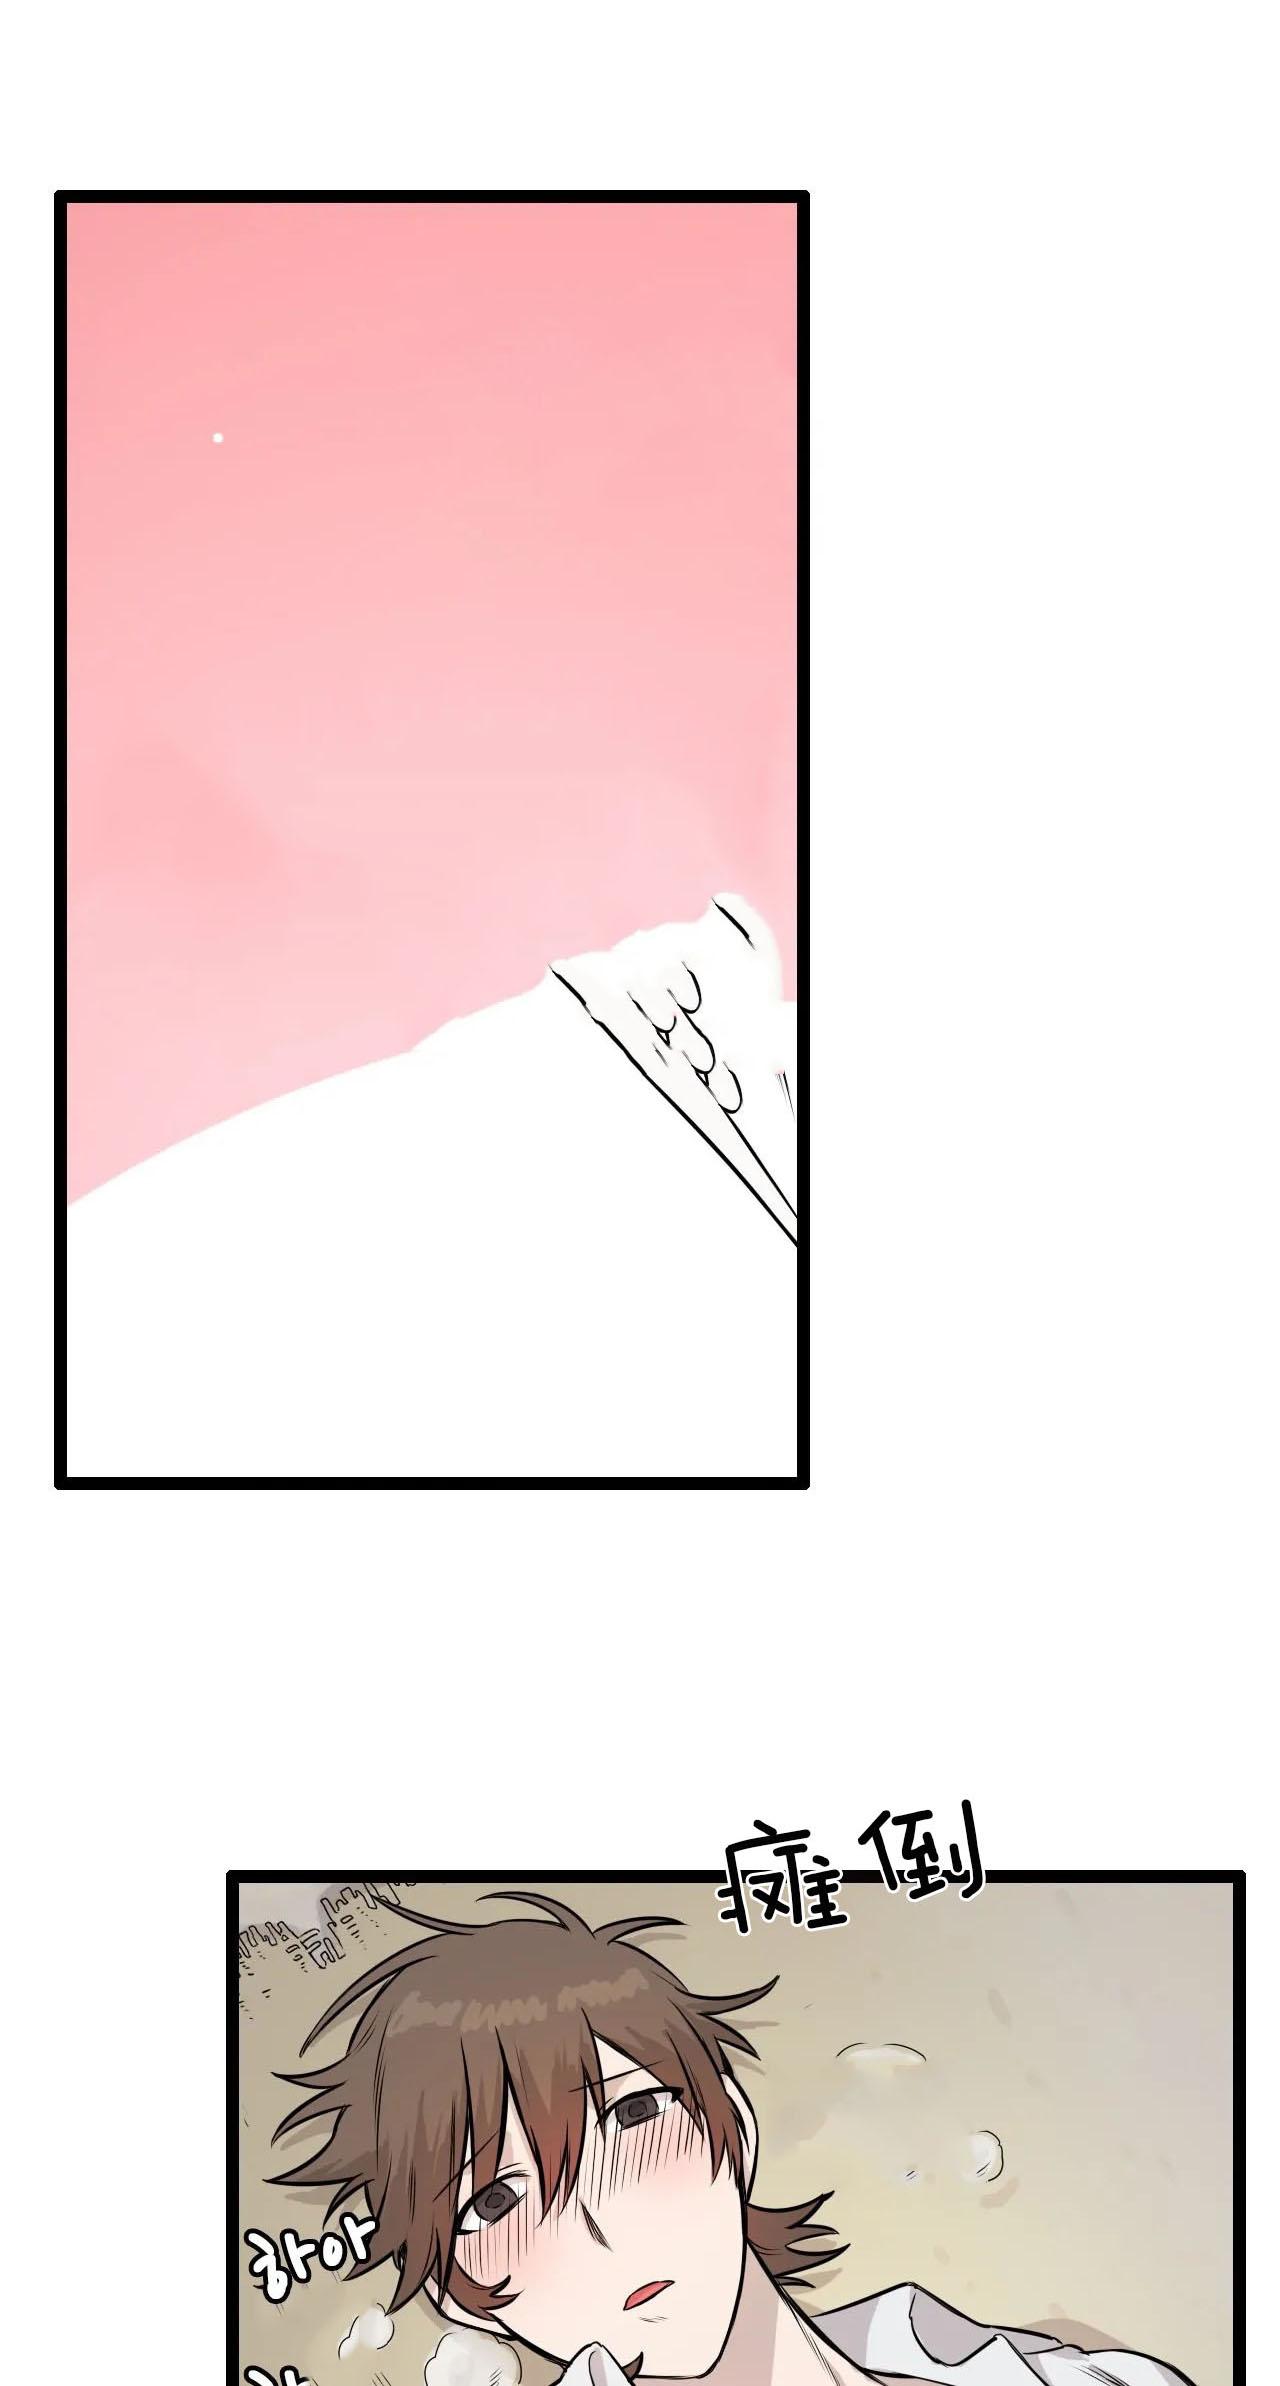 《储备粮的辛酸史》BL漫画完整版 全文免费阅读